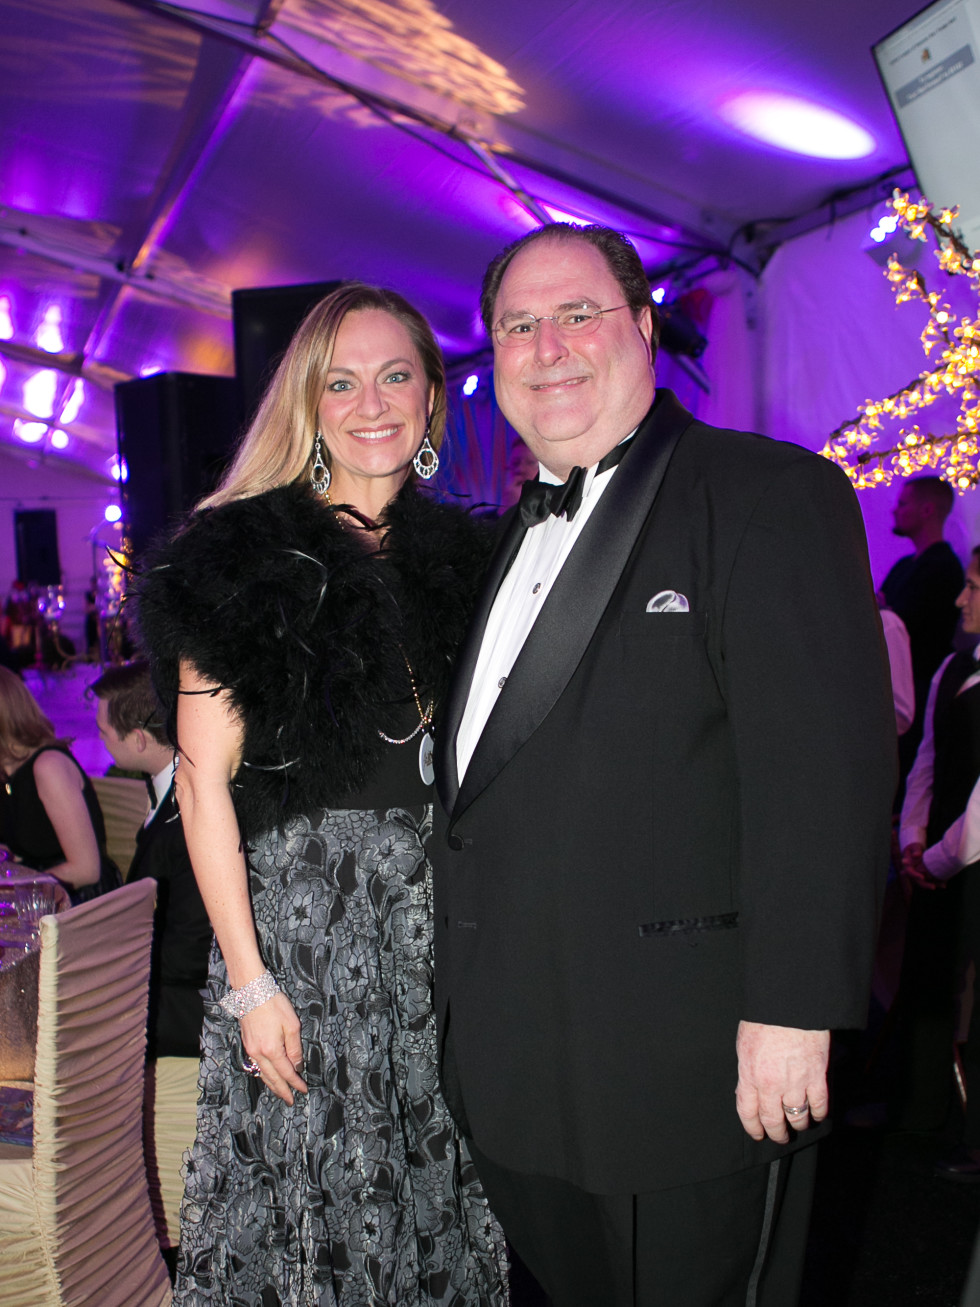 Junior League Gala, Feb. 2016, Rachel Regan, John Onstott